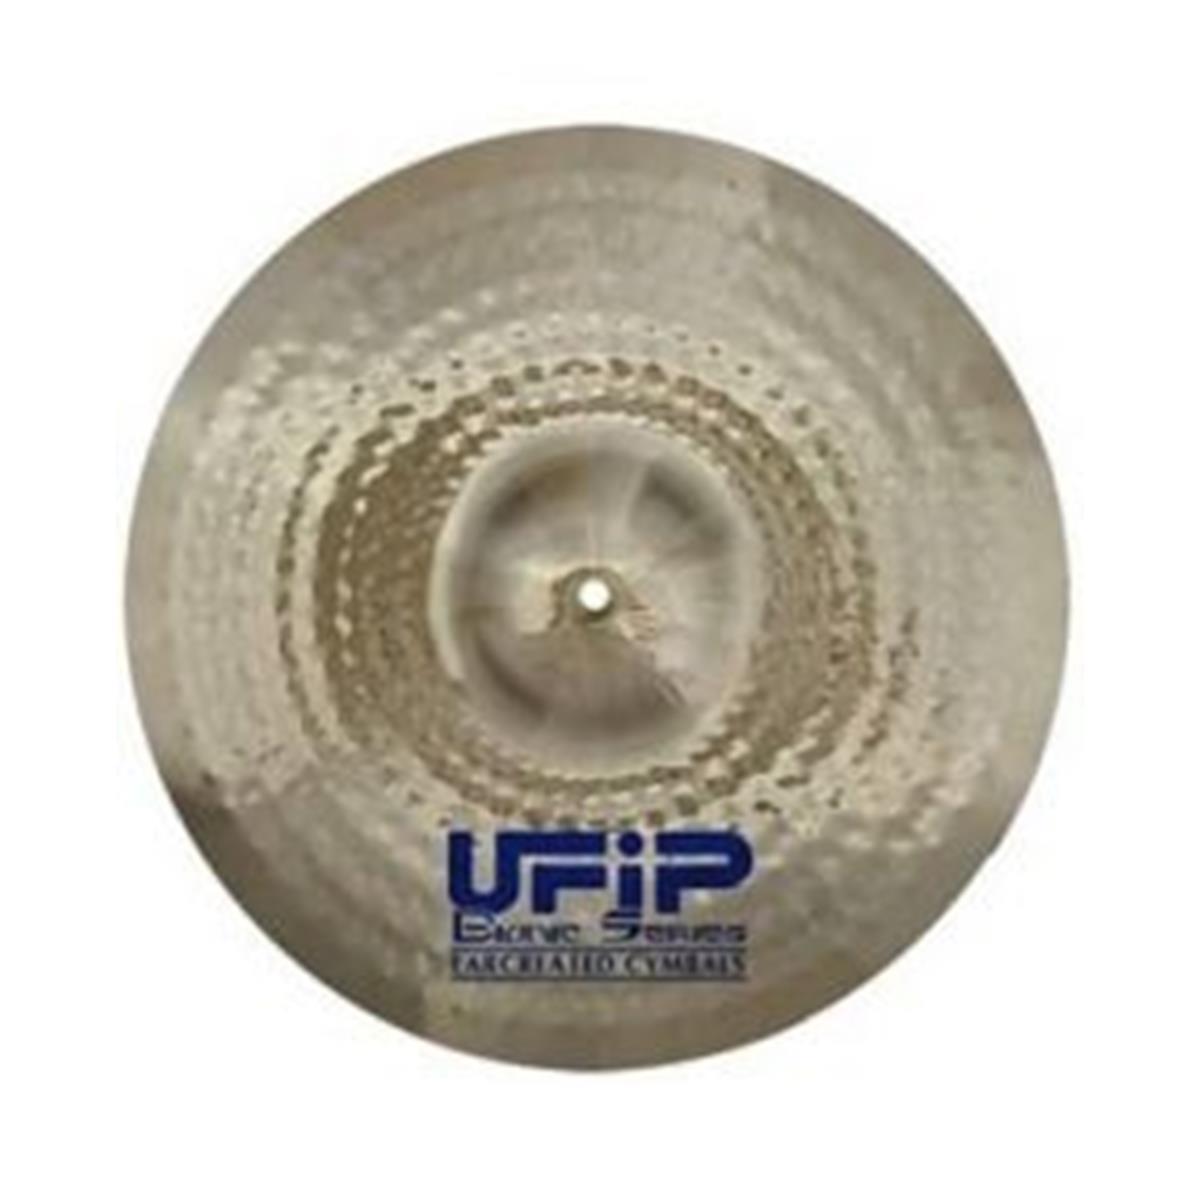 UFIP-BIONIC-CRASH-20-sku-6547